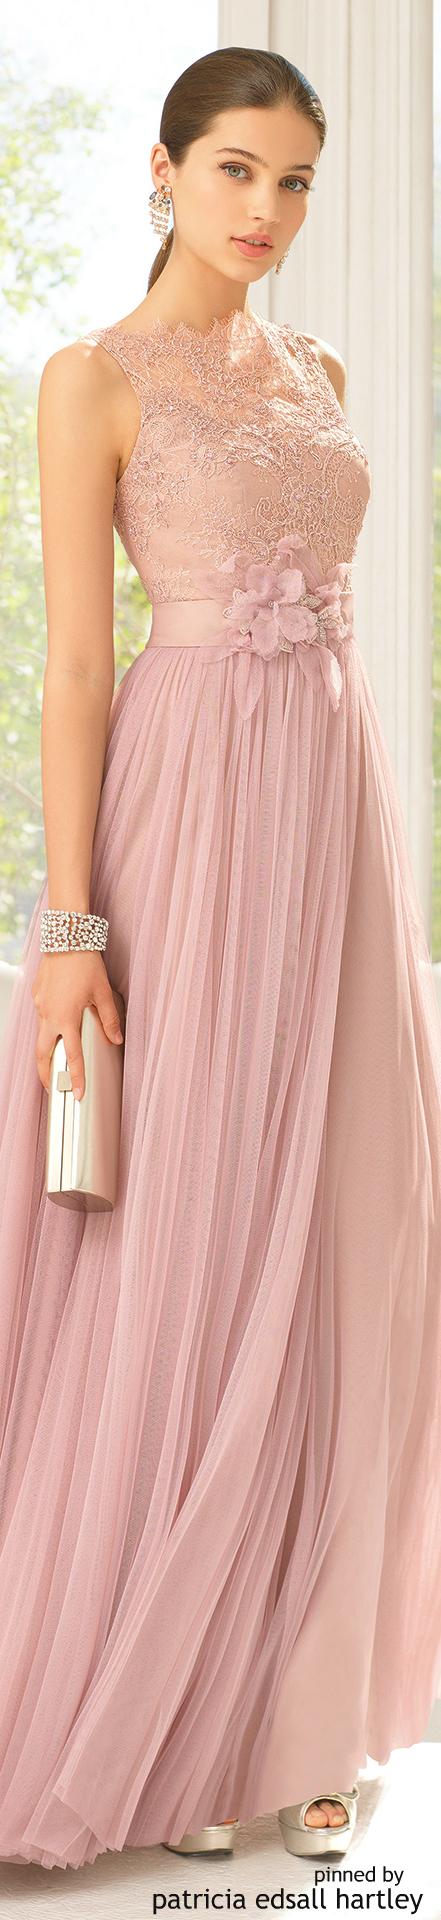 Pin de Estela Vargas en vestidos lindos | Pinterest | Vestiditos ...